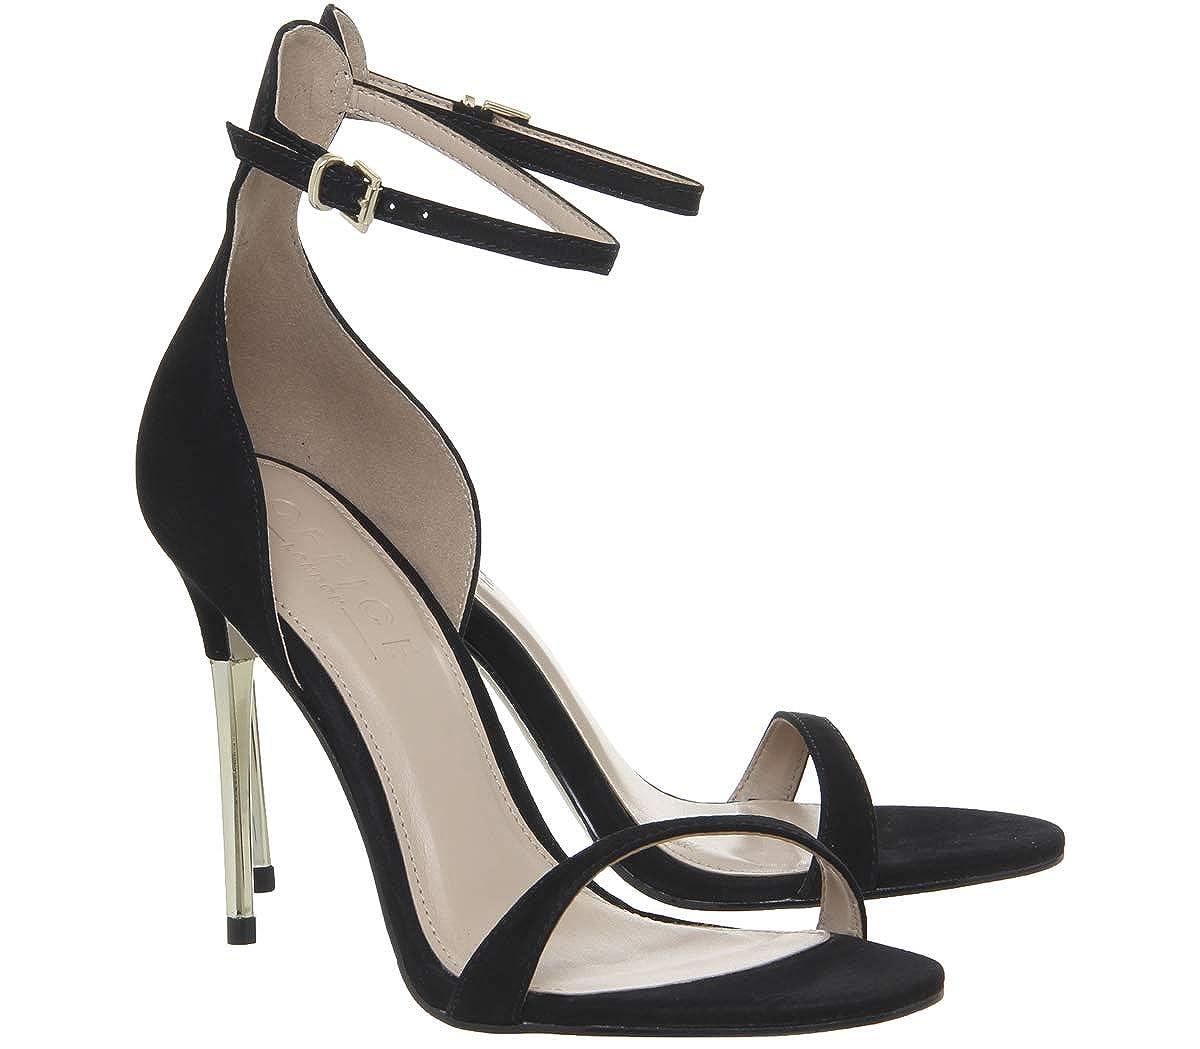 42ee479be43 Office Happy Metal Heel Sandals: Amazon.co.uk: Shoes & Bags